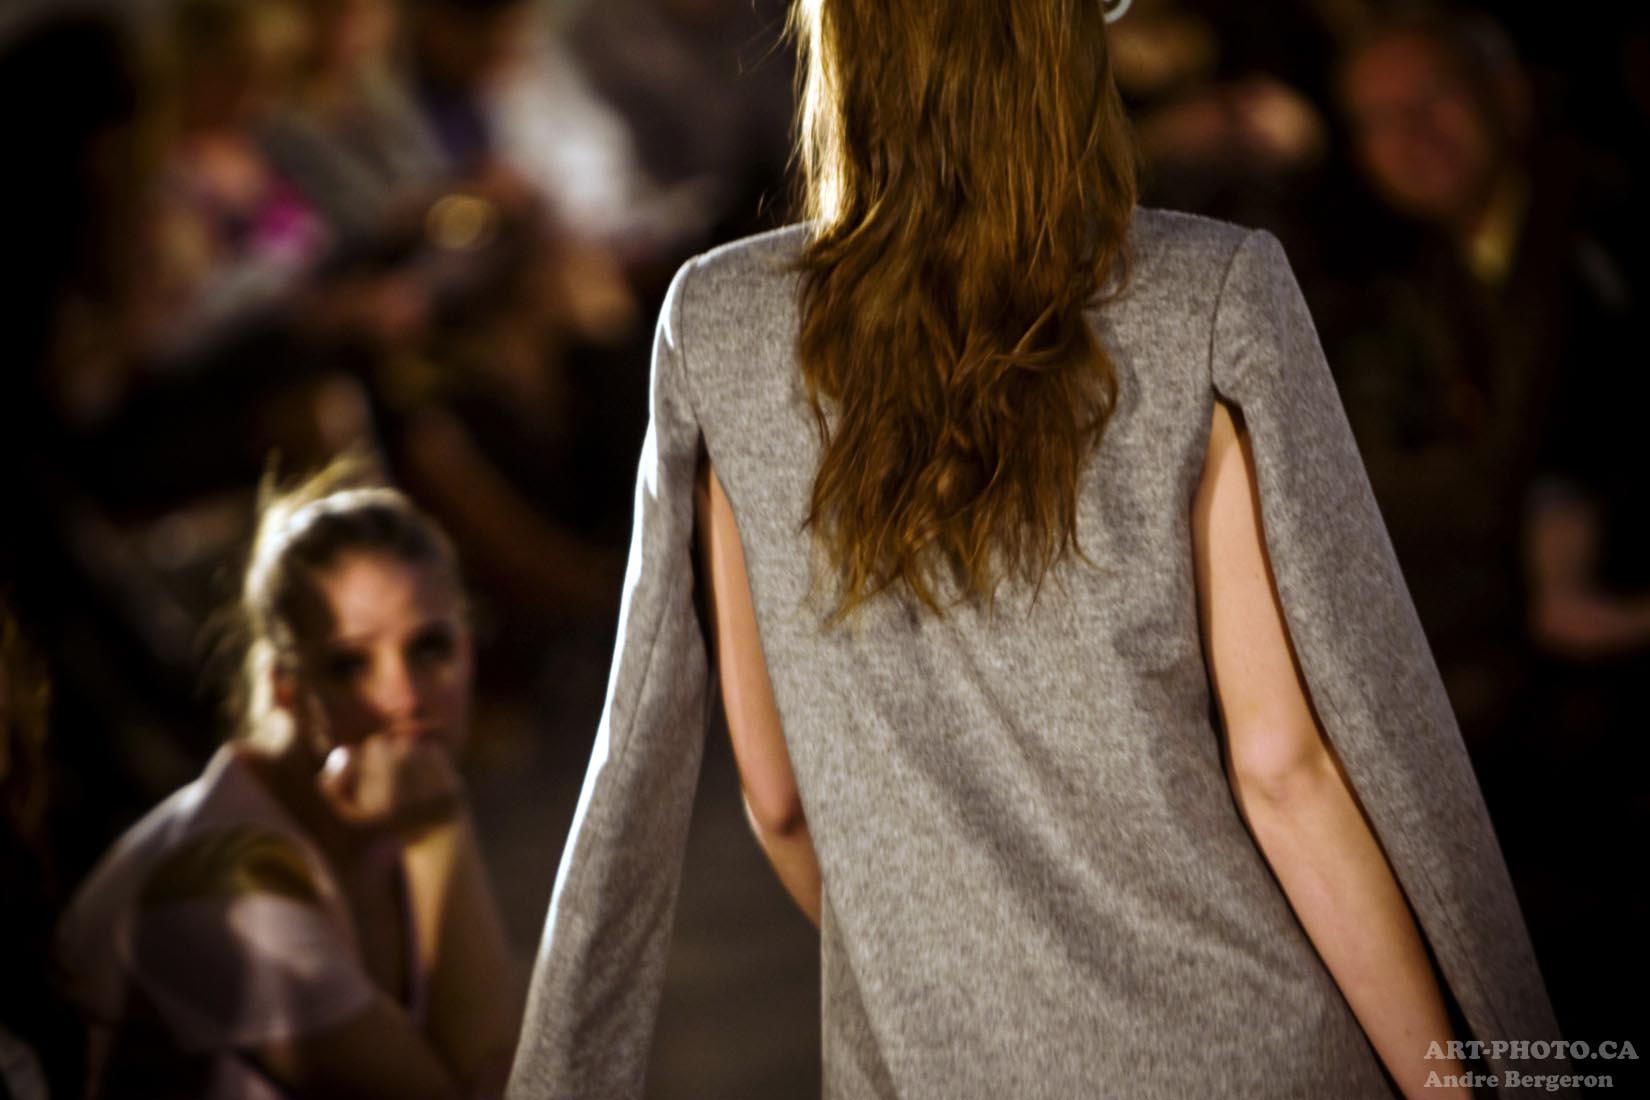 D�fil� des finissants de l'�cole sup�rieure de mode de Montr�al mode fashion photo